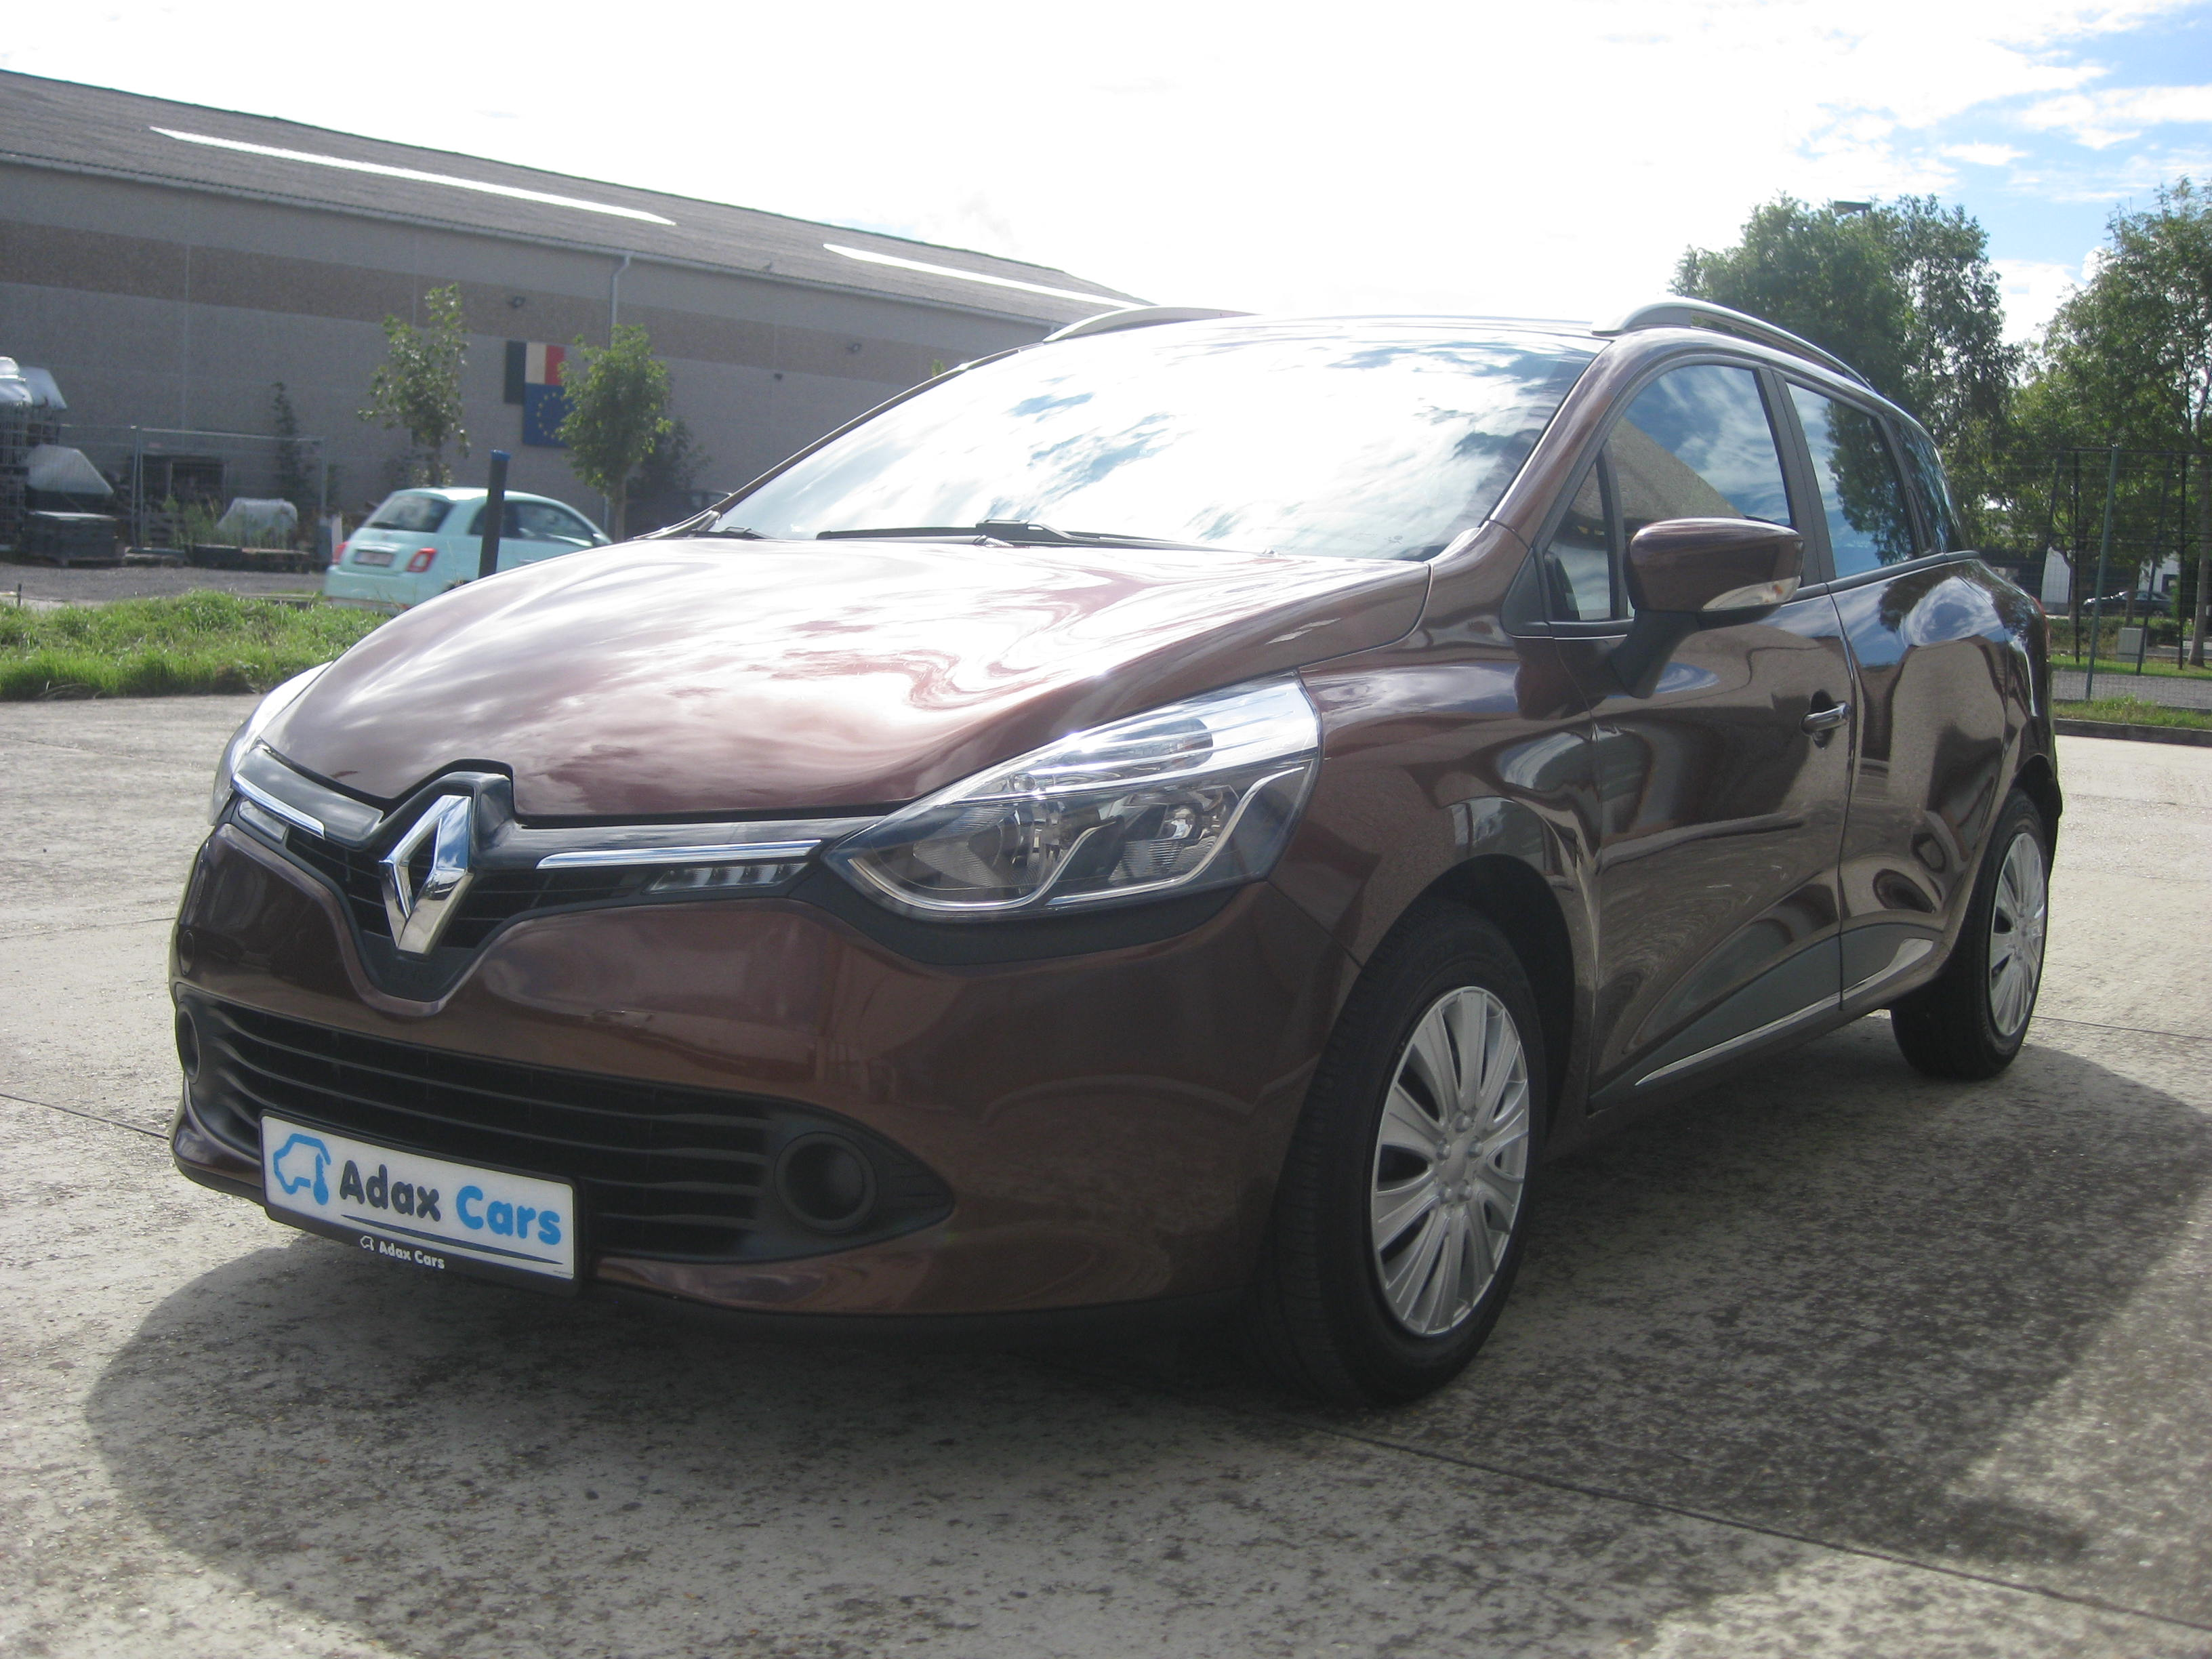 Renault Clio grand tour 0.9 TCE   Airco,navigatie,...